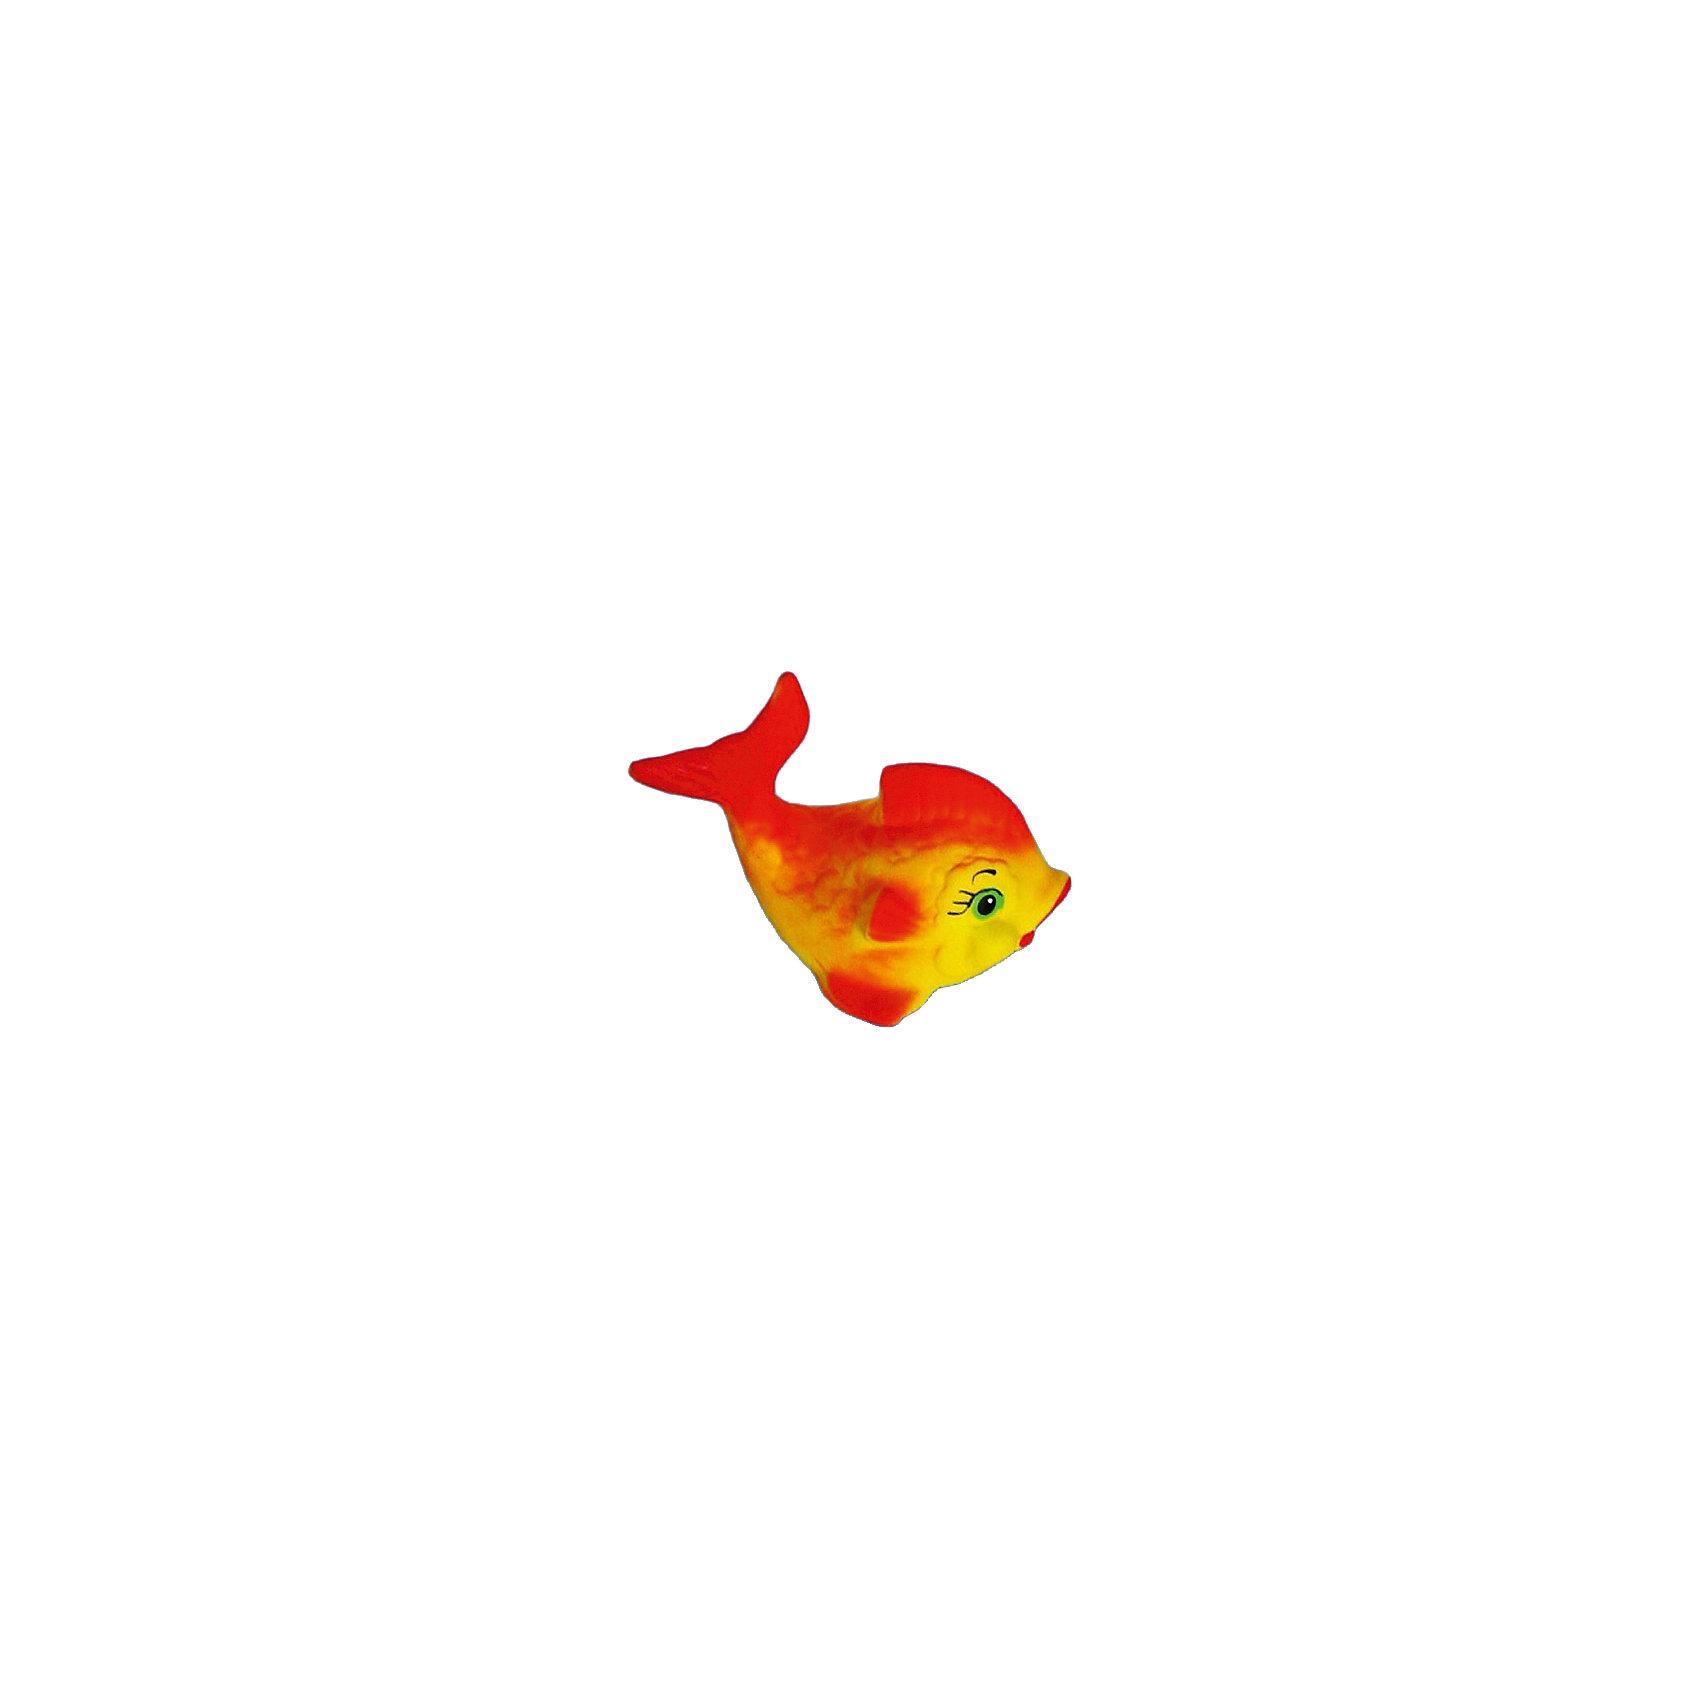 Рыбка, КудесникиСобачка Королевский пудель, Кудесники<br><br>Характеристики:<br><br>• Материал: ПВХ.<br>• Размер: 3х4х14 см.<br><br>Отличная игрушка из мягкого ПВХ надолго займет внимание вашего малыша. Эта игрушка поможет малышу при прорезывании зубов, поможет развивать моторику рук, знакомить с формой, цветом, образами также с ней можно забавно поиграть в ванной. Яркий образ милой забавной собачки поможет ребенку придумывать различные сюжетно-ролевые игры.<br><br>Собачку Королевский пудель, Кудесники, можно купить в нашем интернет – магазине.<br><br>Ширина мм: 50<br>Глубина мм: 60<br>Высота мм: 90<br>Вес г: 50<br>Возраст от месяцев: 12<br>Возраст до месяцев: 36<br>Пол: Унисекс<br>Возраст: Детский<br>SKU: 4896448